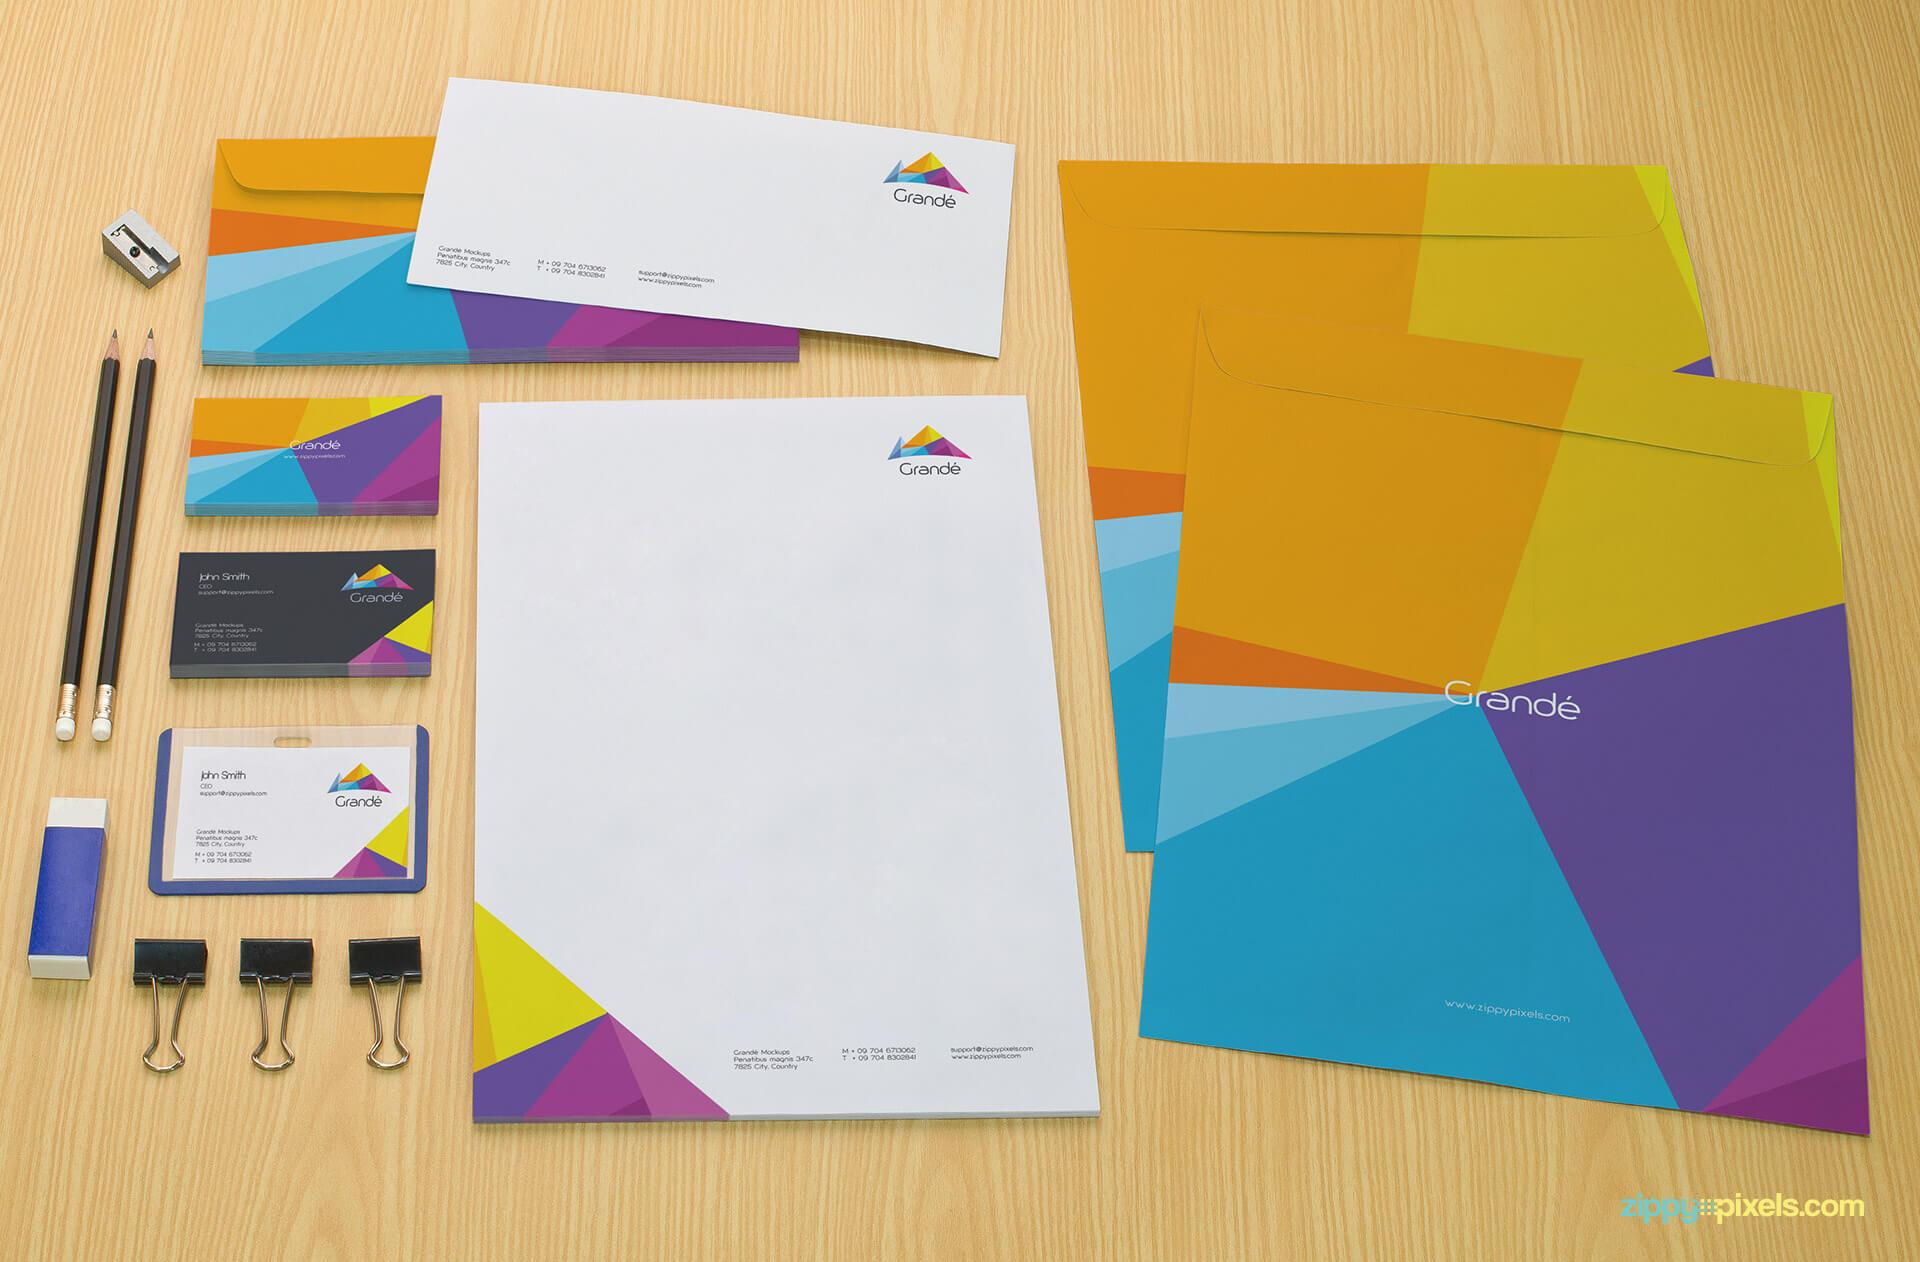 Letter Envelopes, Large Envelopes, Letterhead Branding Mockup